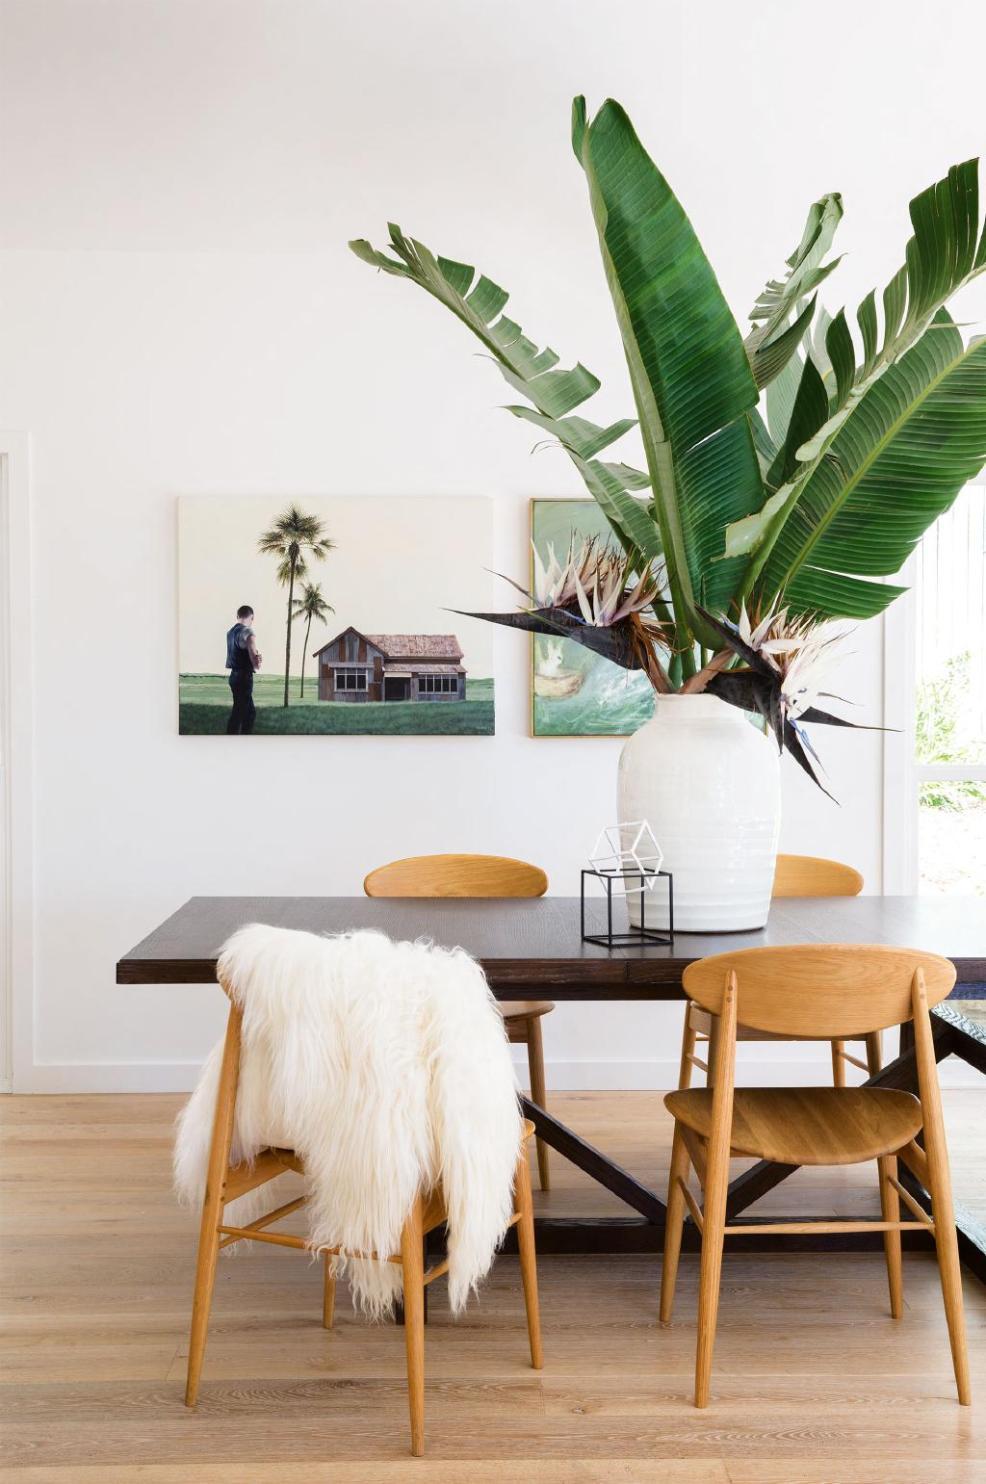 Une déco originale avec les feuilles de bananier, sublime plante exotique